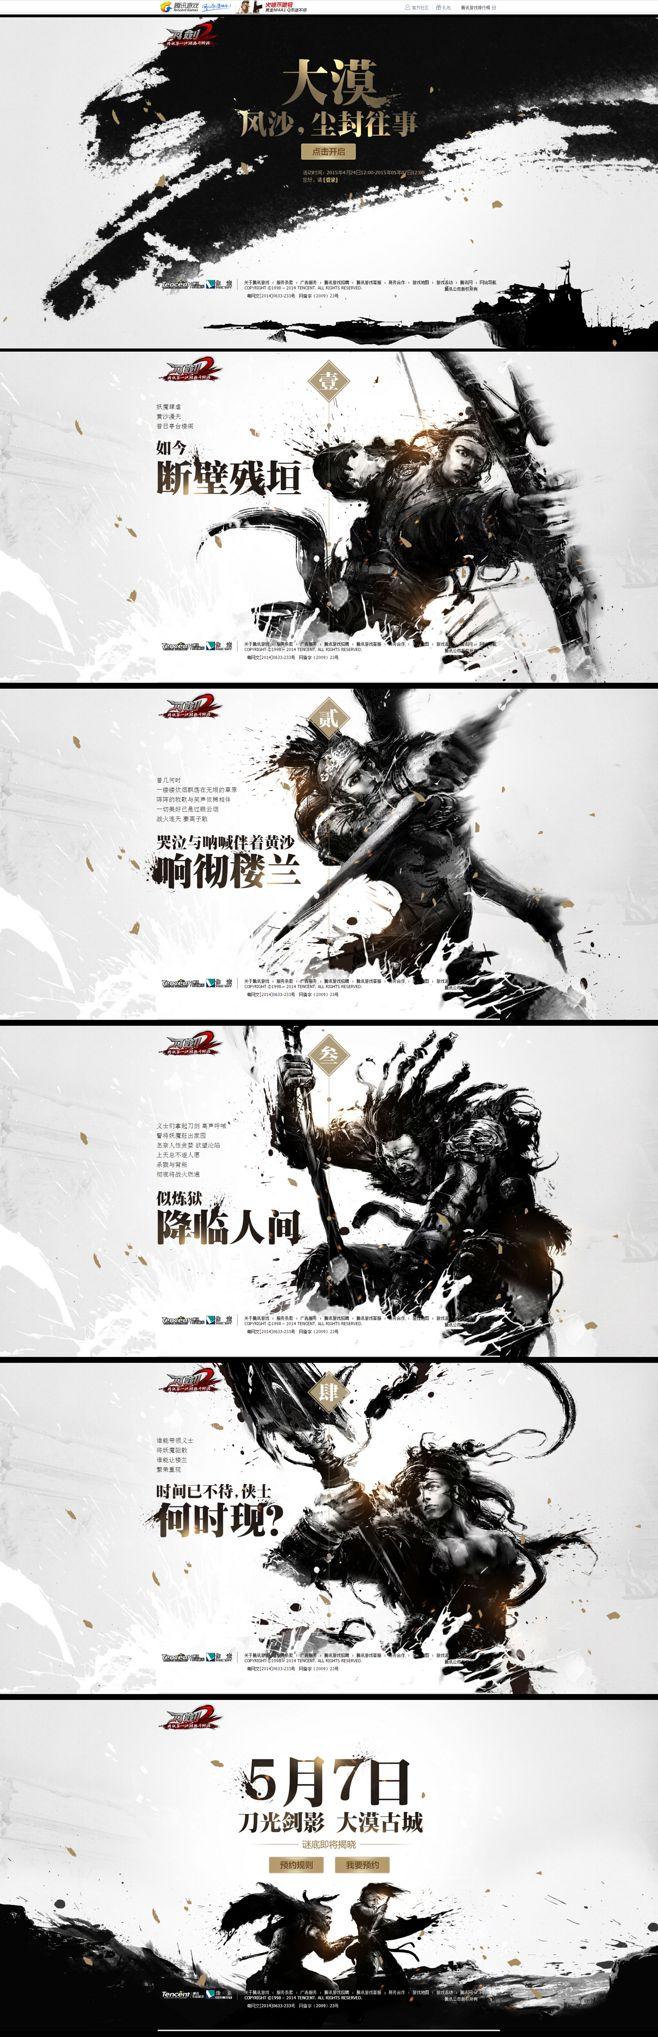 大漠 风沙尘封往事-刀剑2官方网站-腾讯...